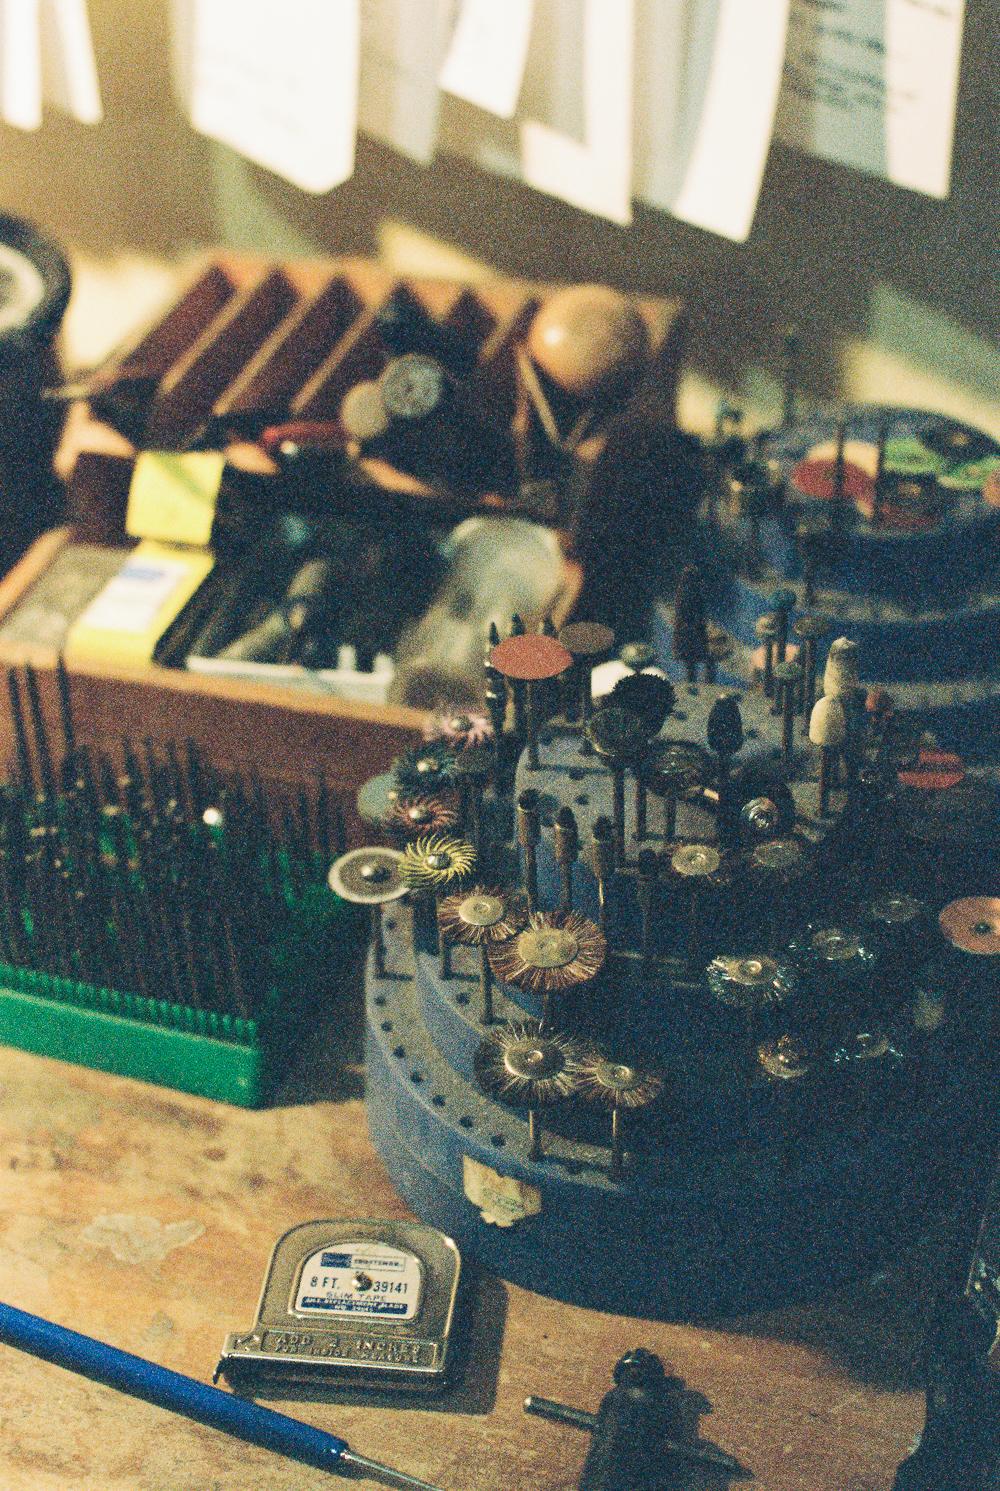 Broken Pine Workspace - Portra 400 on Nikon N90s